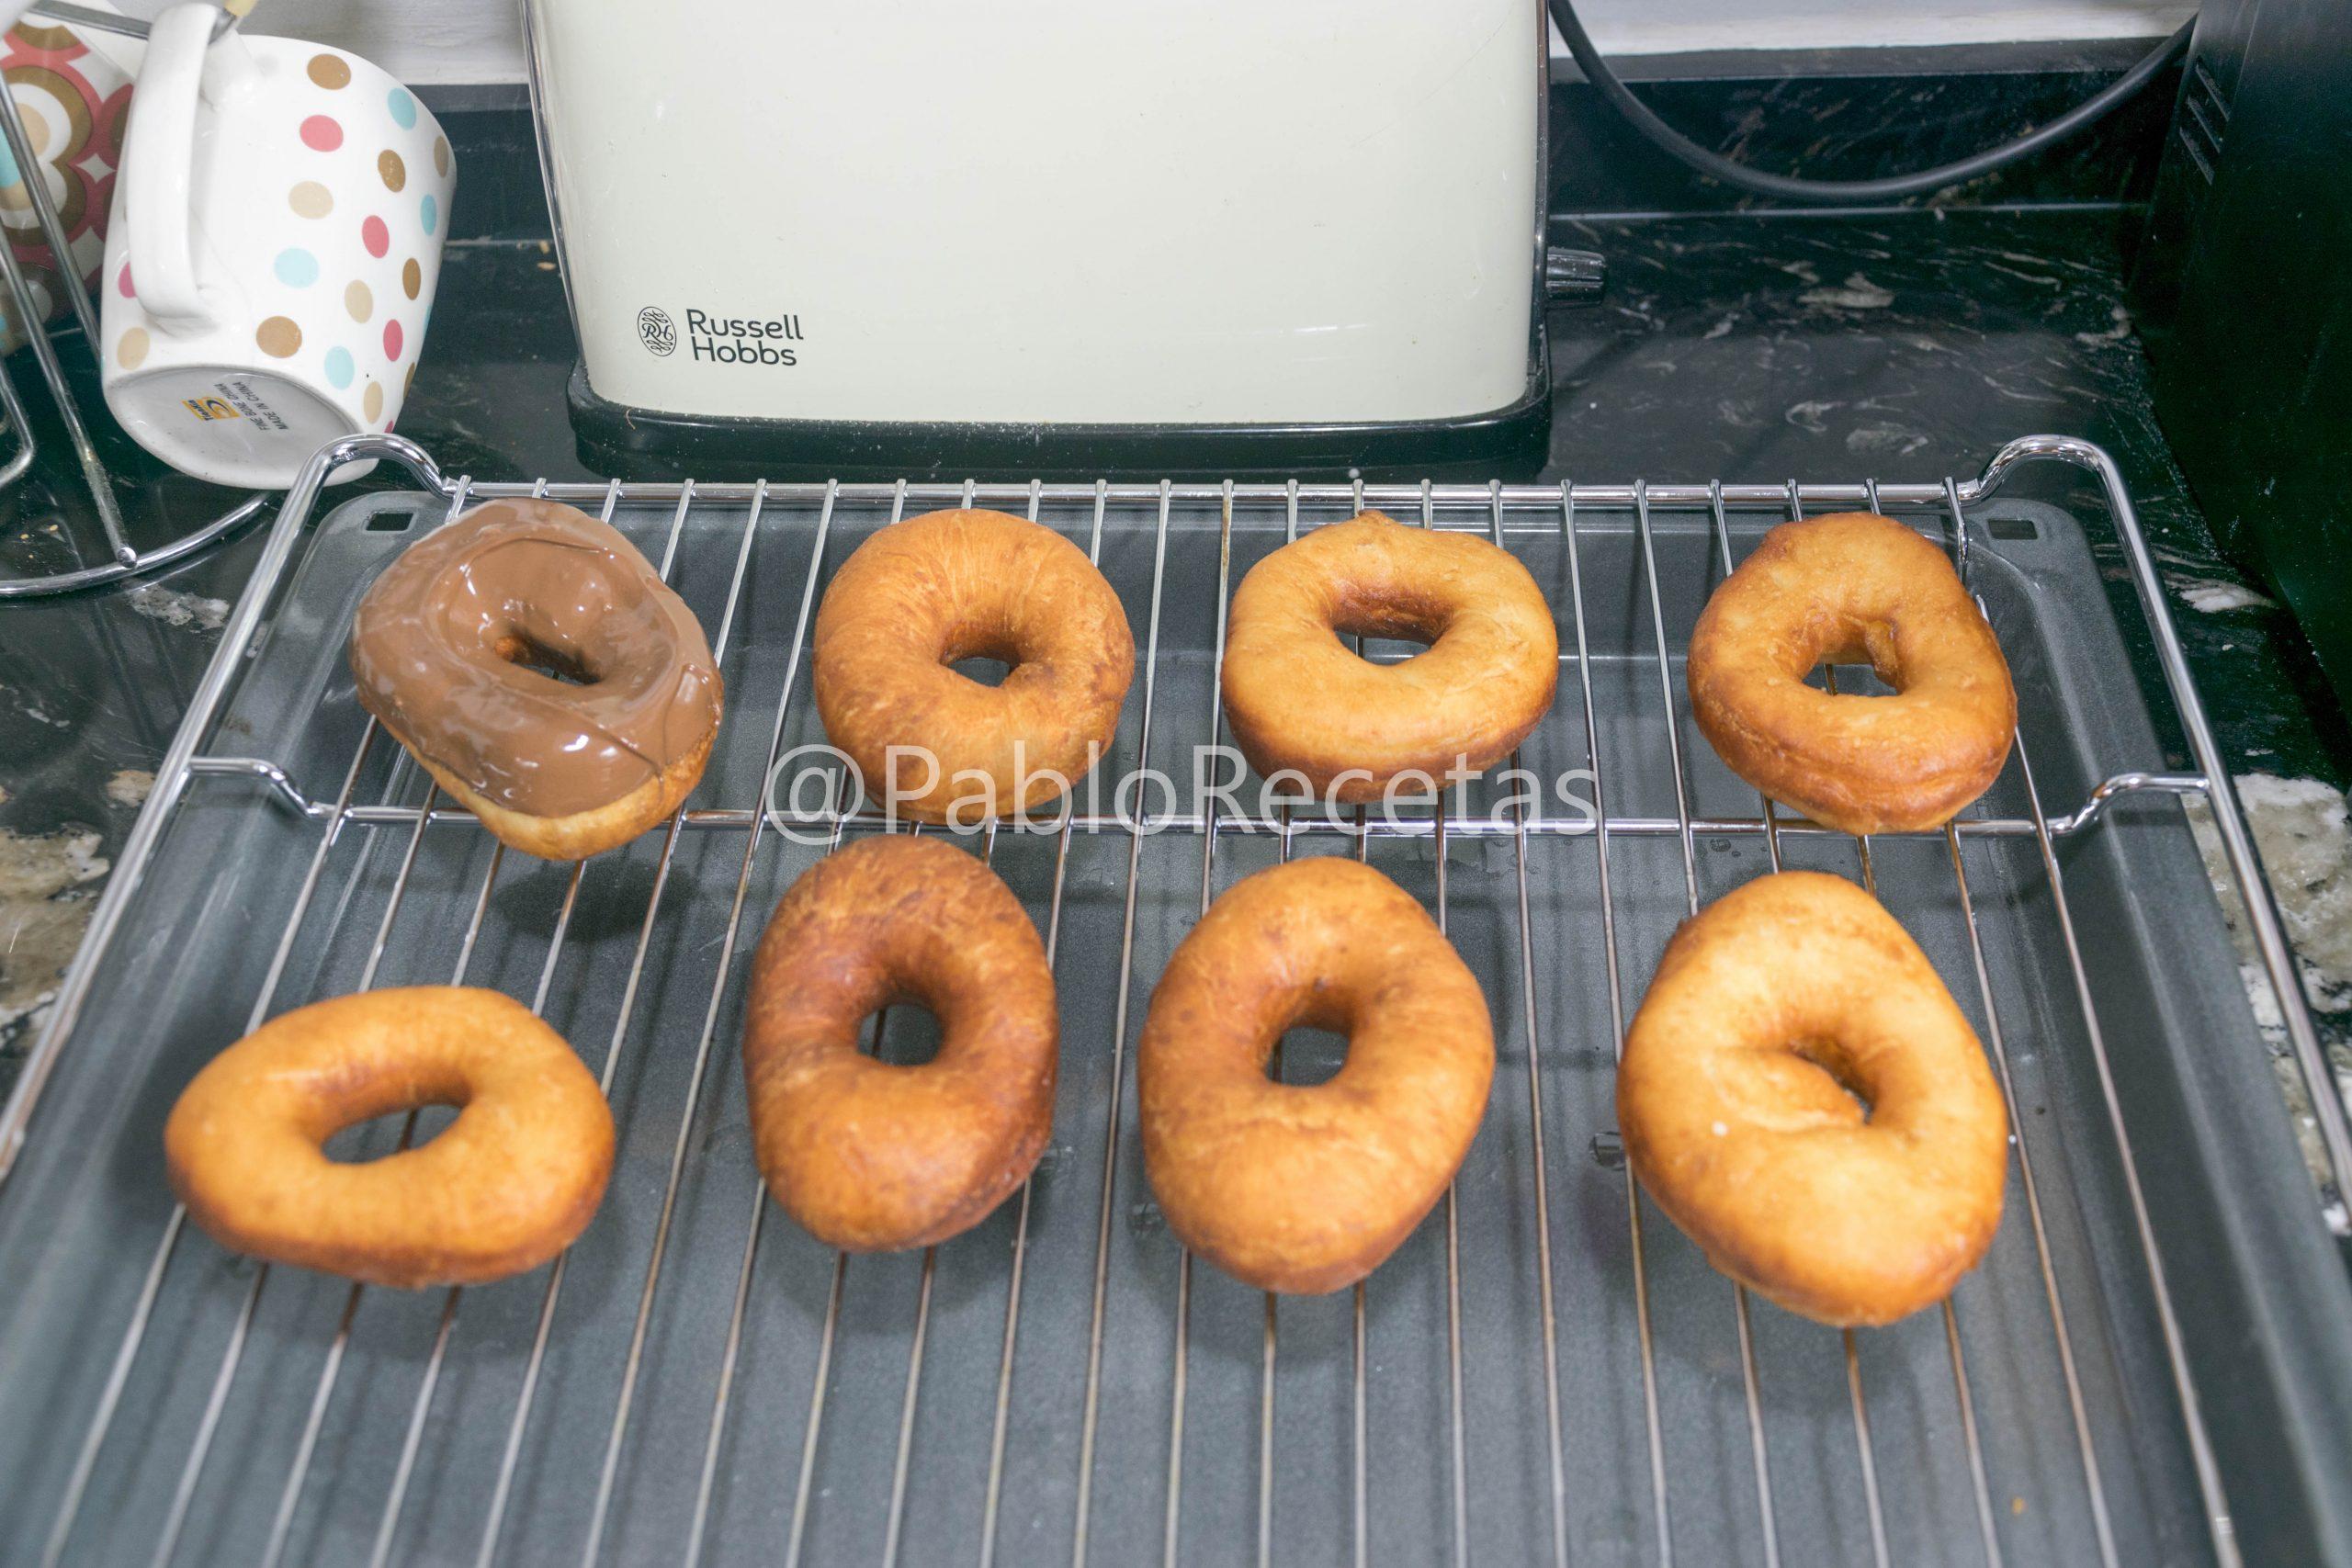 Reposando los donuts.